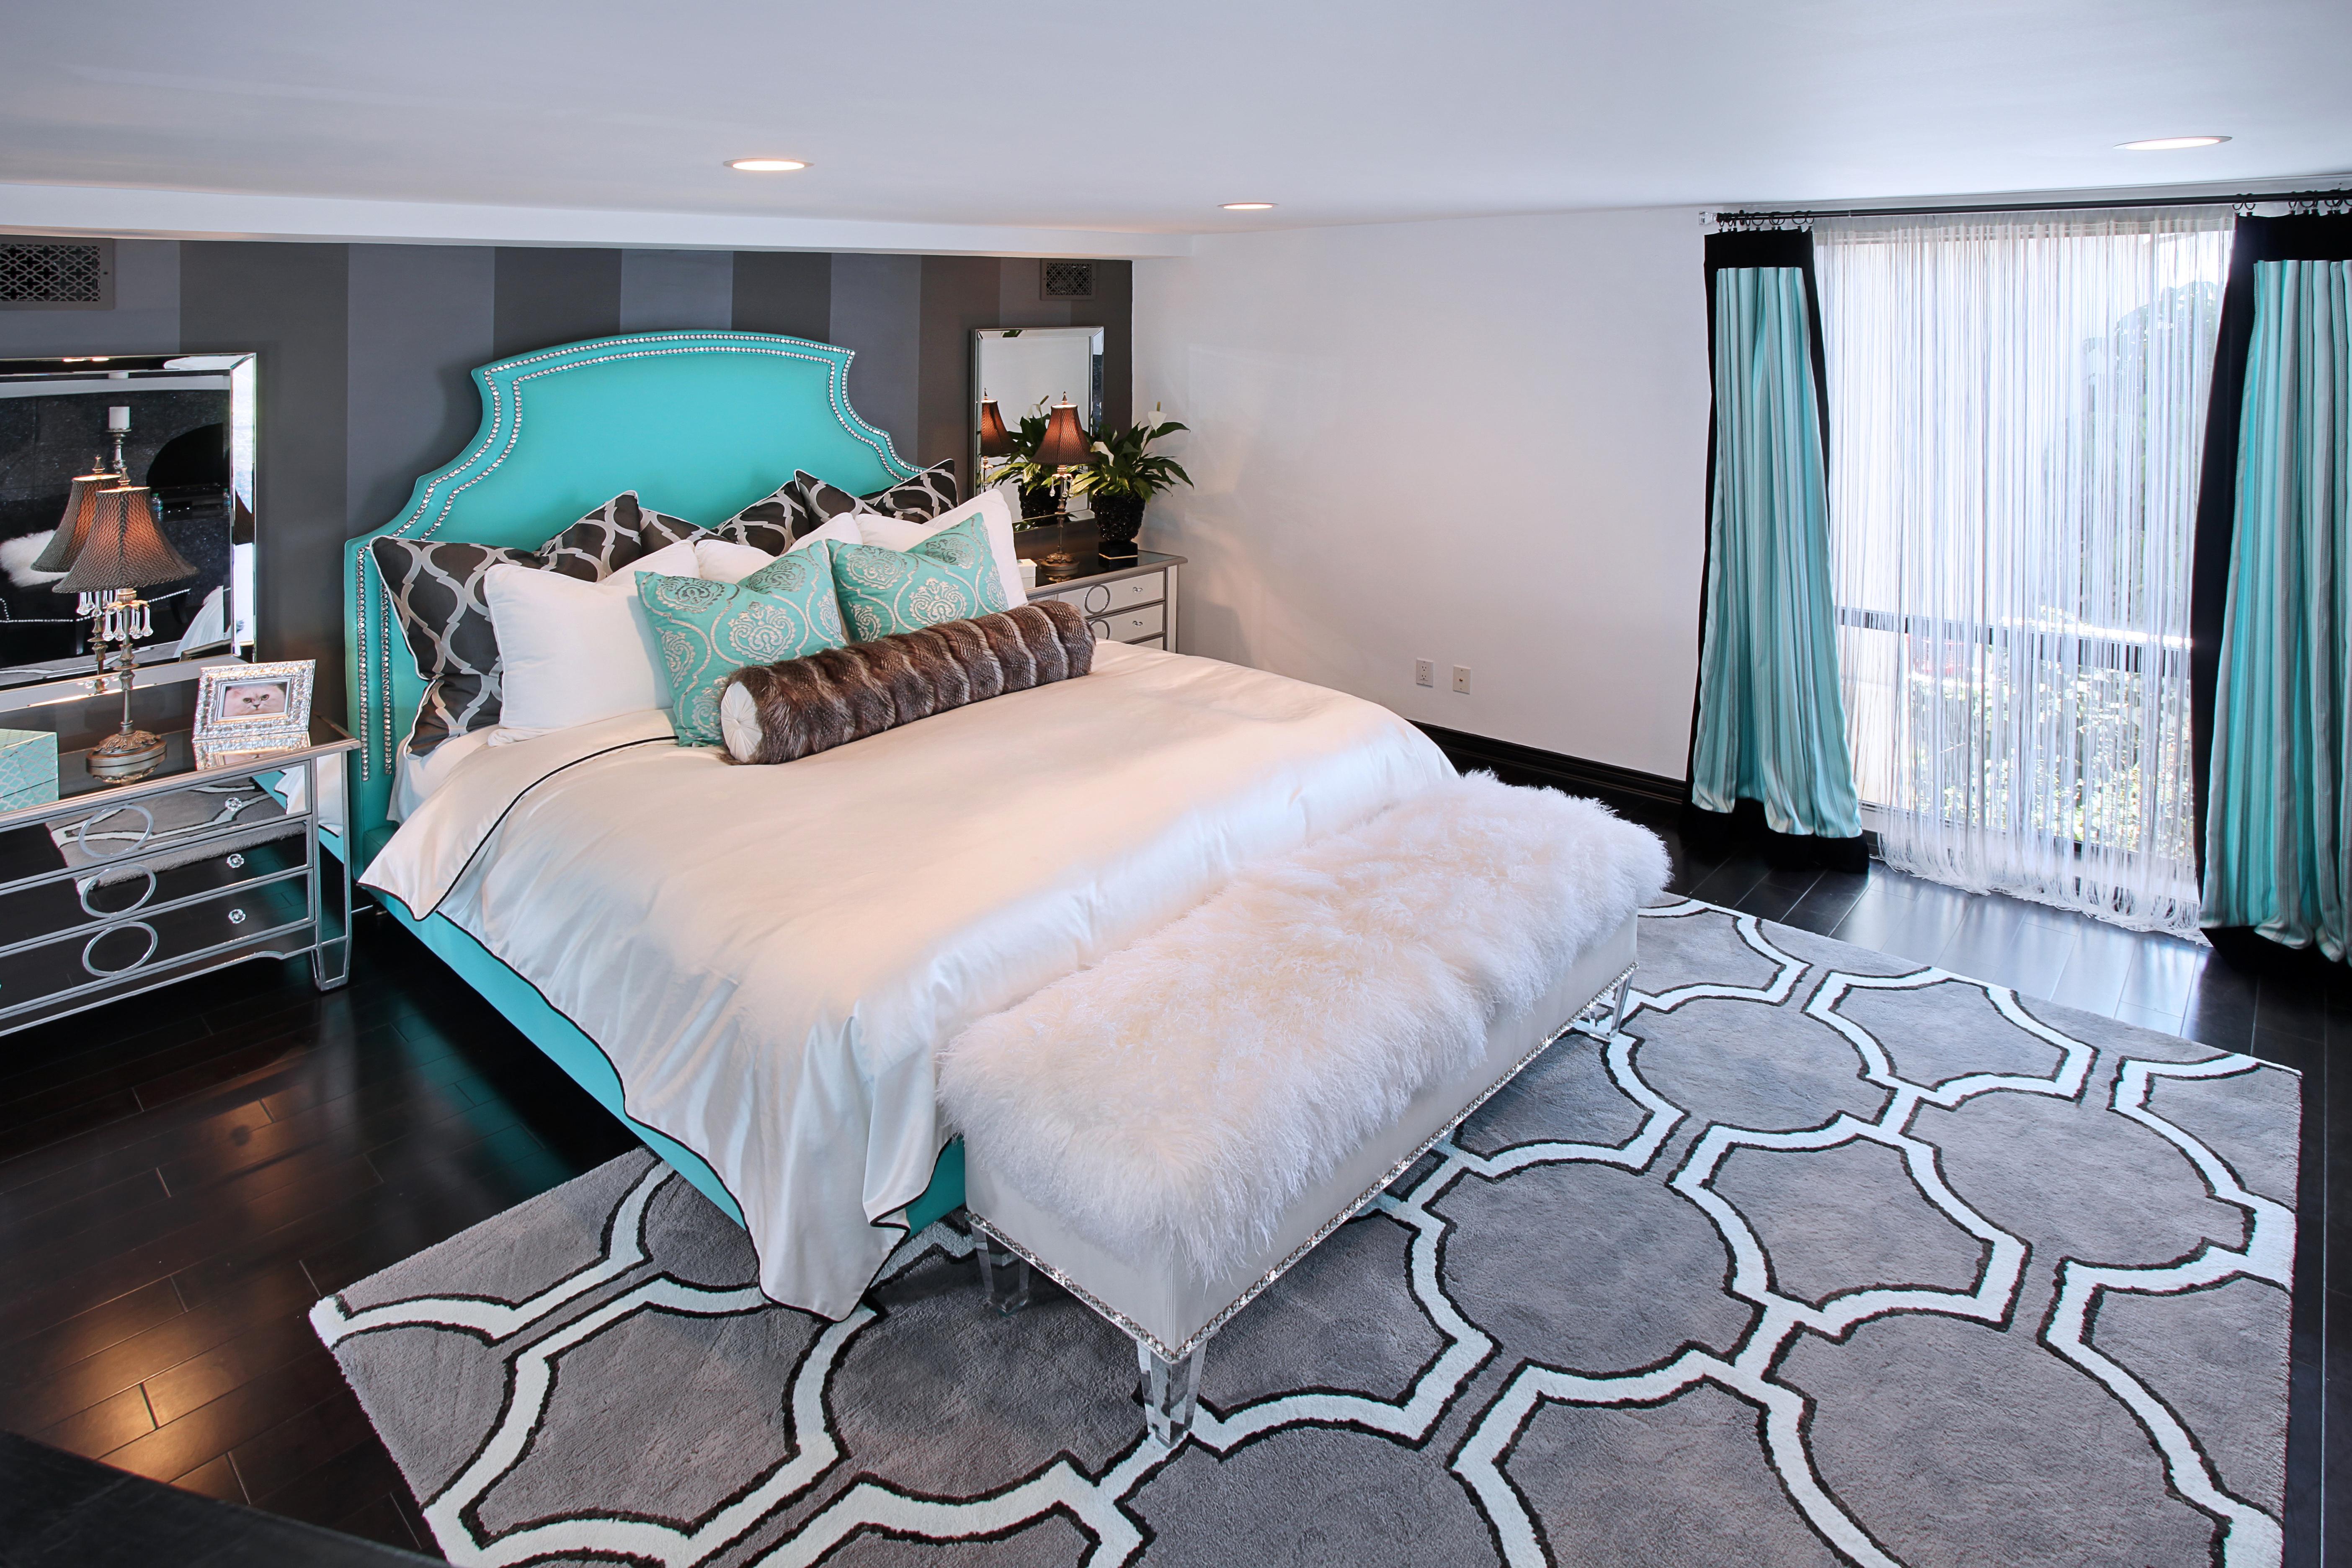 Интерьер ковры кровать  № 3537401 без смс